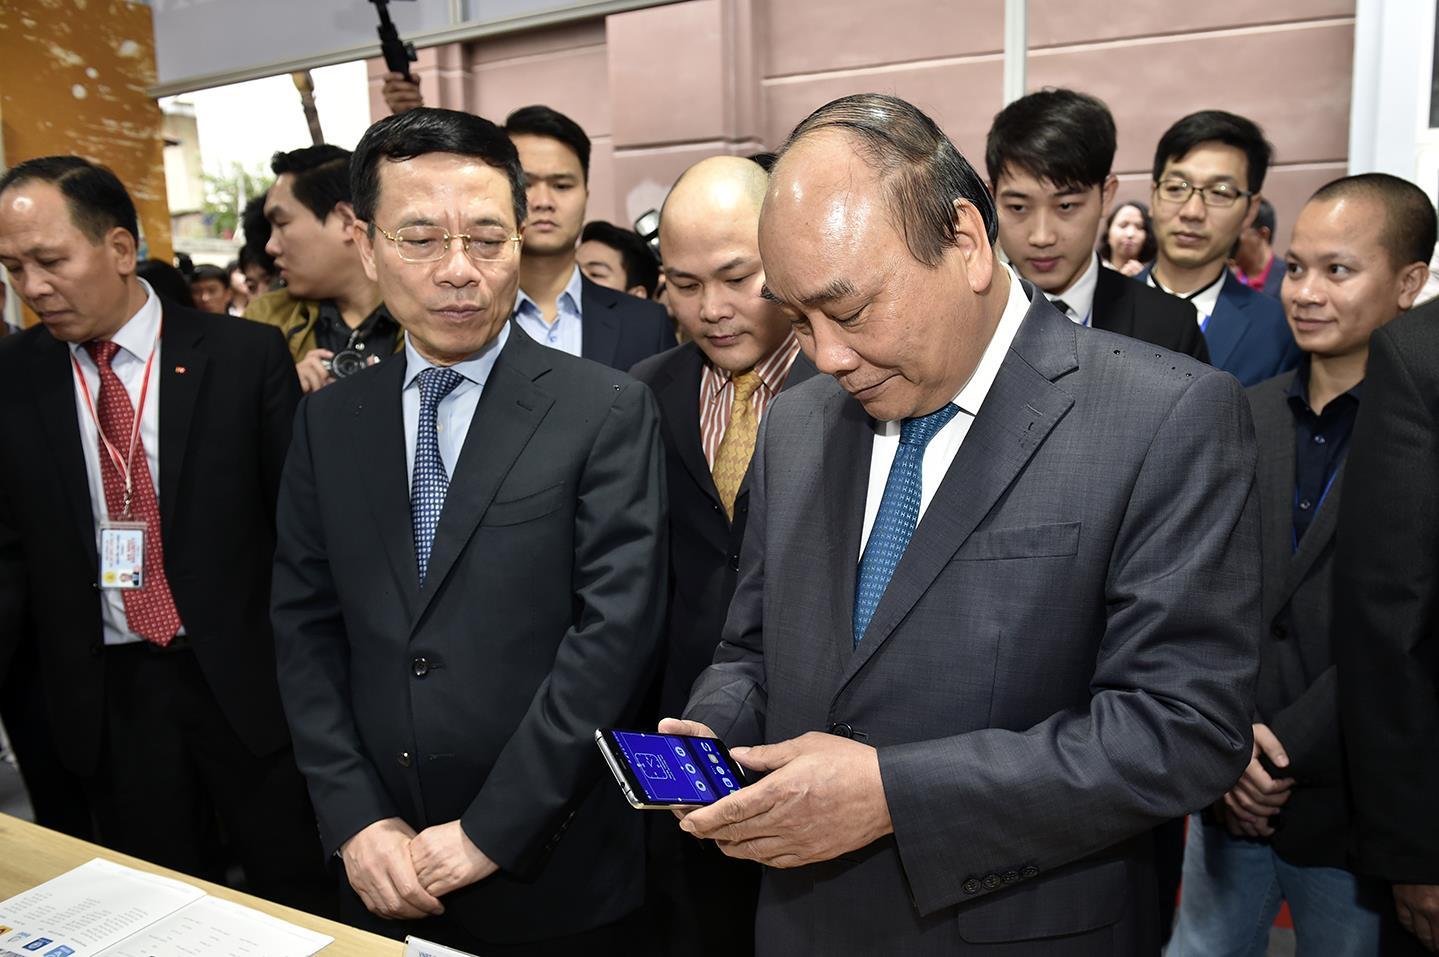 Thủ tướng đồng ý thí điểm cho phép chuyển tiền, thanh toán khoản nhỏ qua nhà mạng